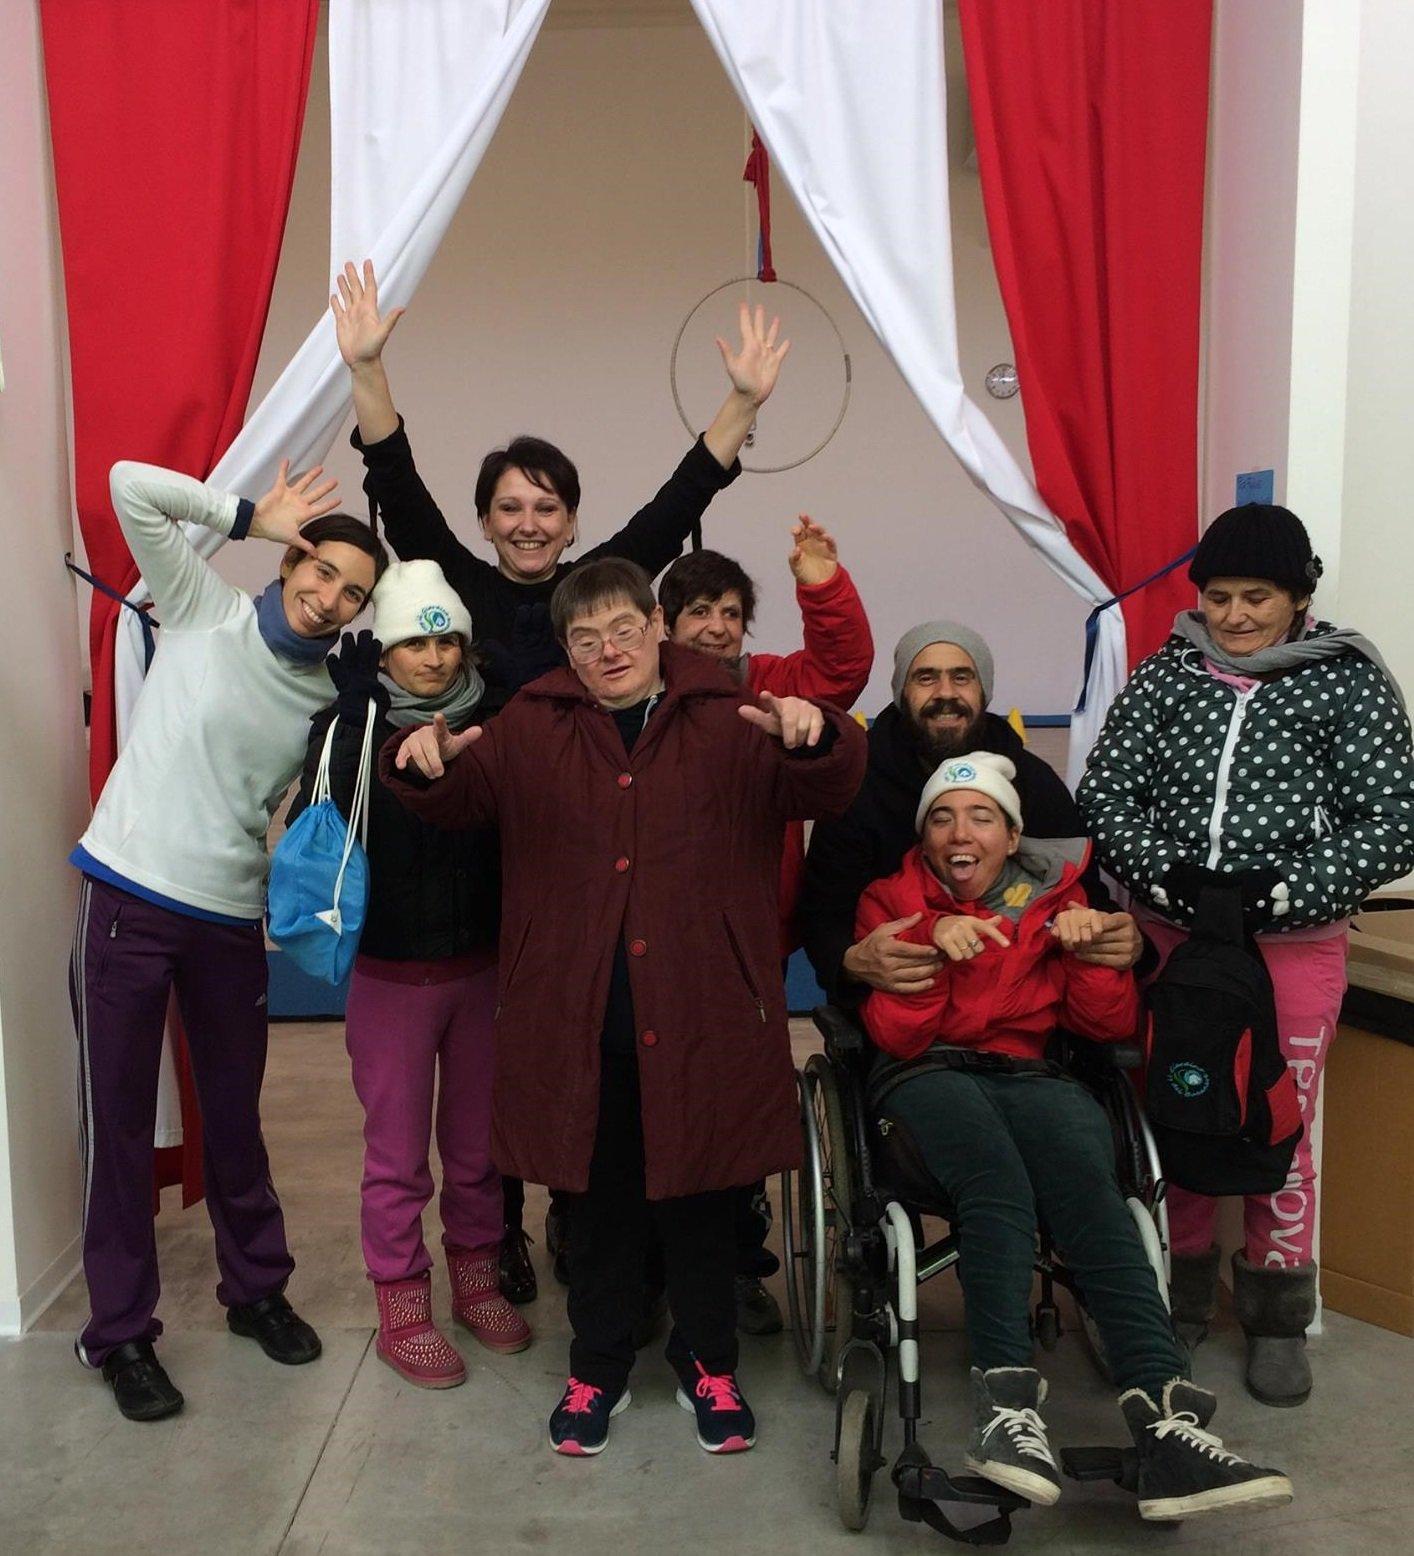 romina in mezzo ai ragazzi disabili dell'associazione